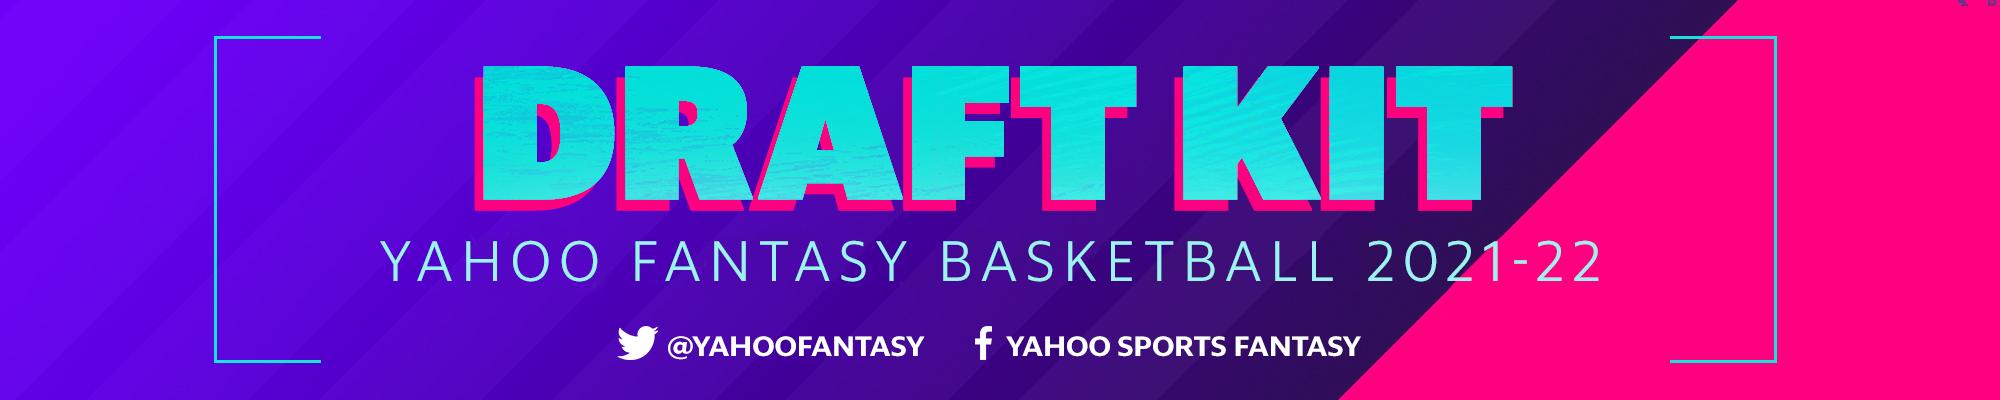 Yahoo Fantasy Basketball Draft Kit 2021-22